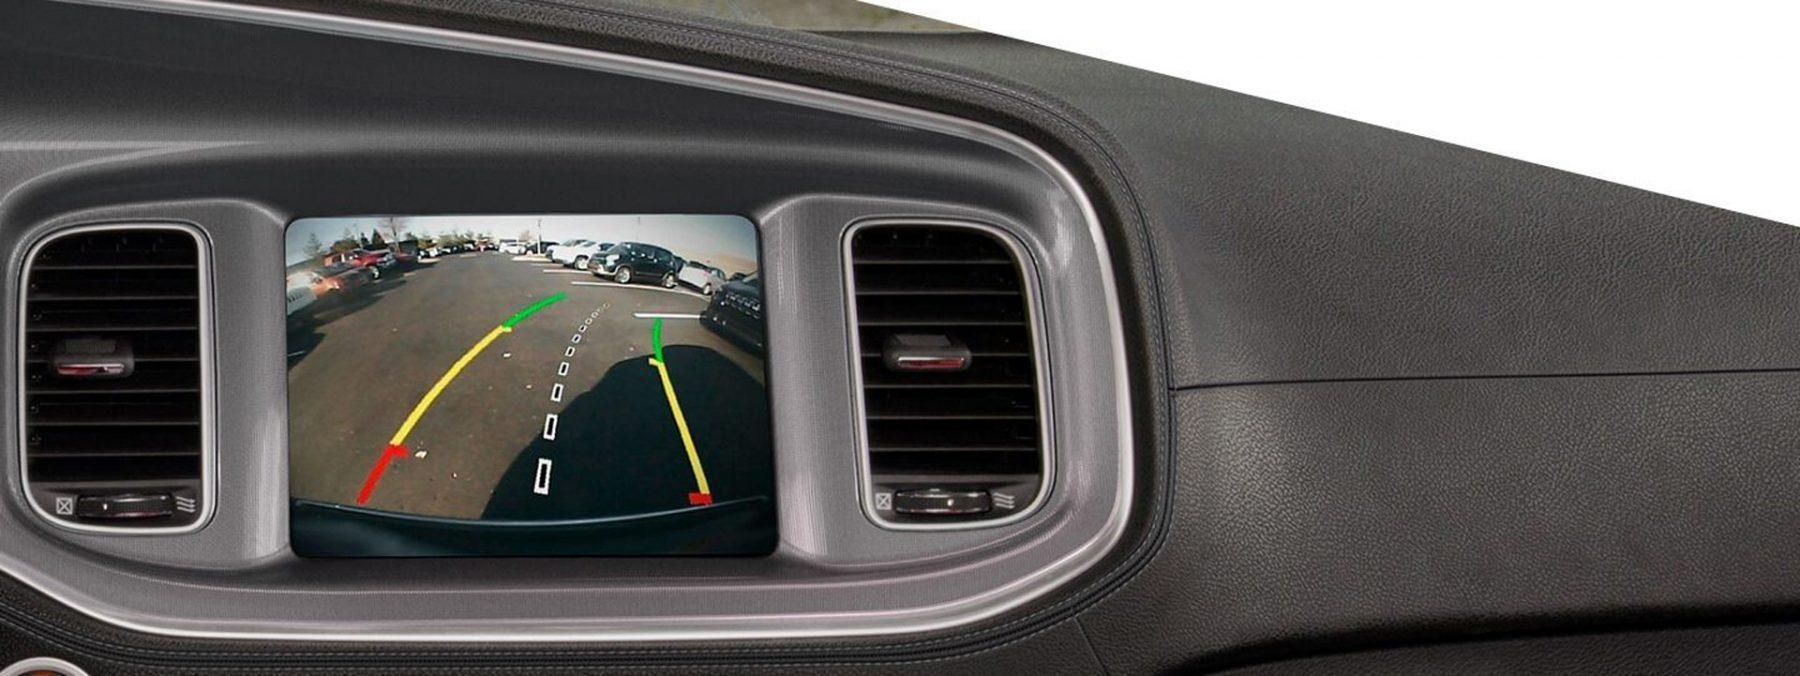 Dodge parking camera assistance